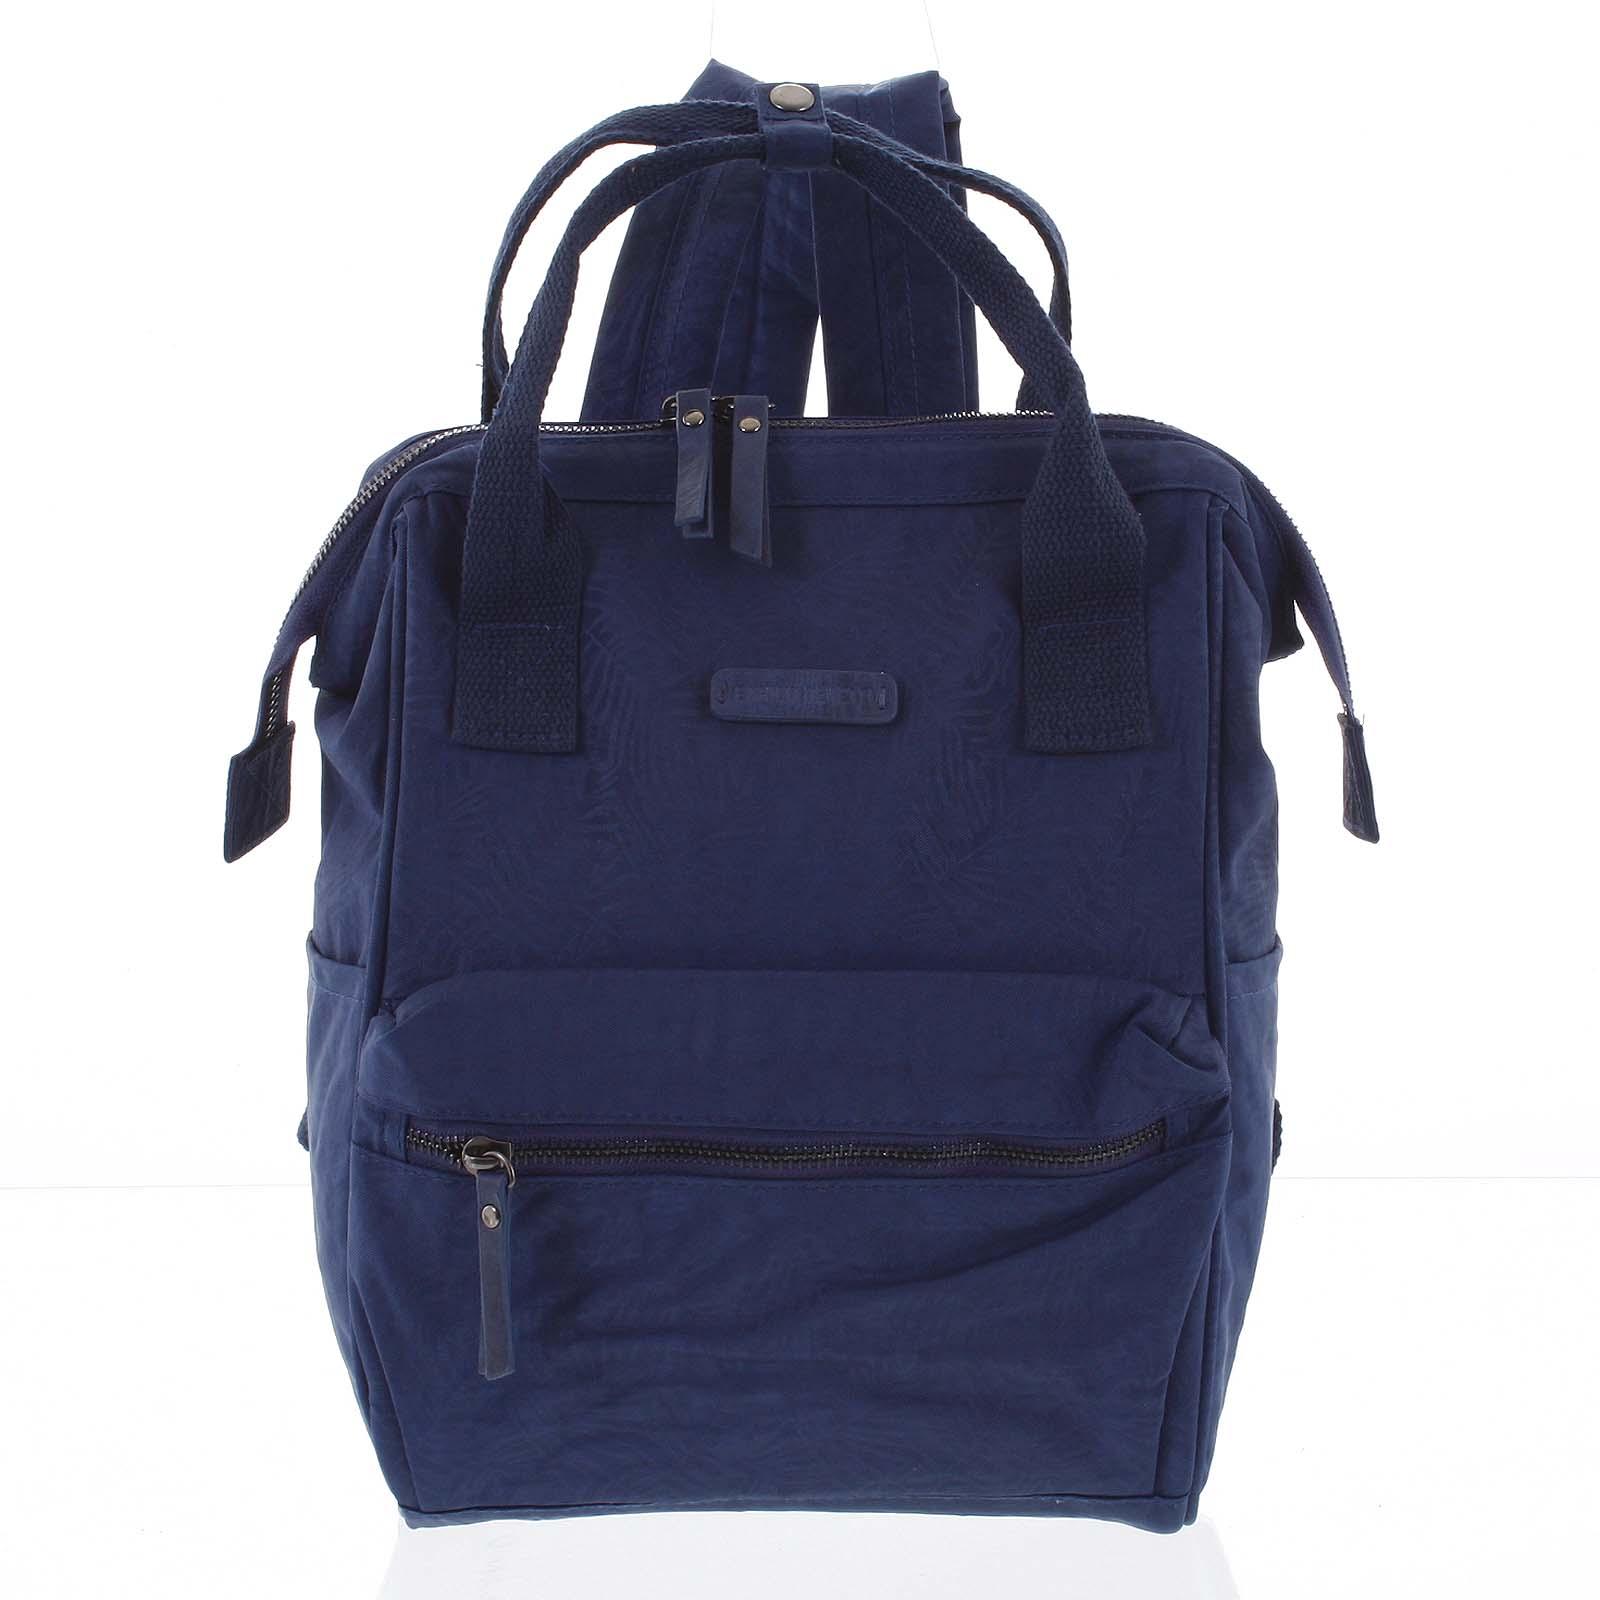 Stylový dámský batůžek modrý - Enrico Benetti Gatam